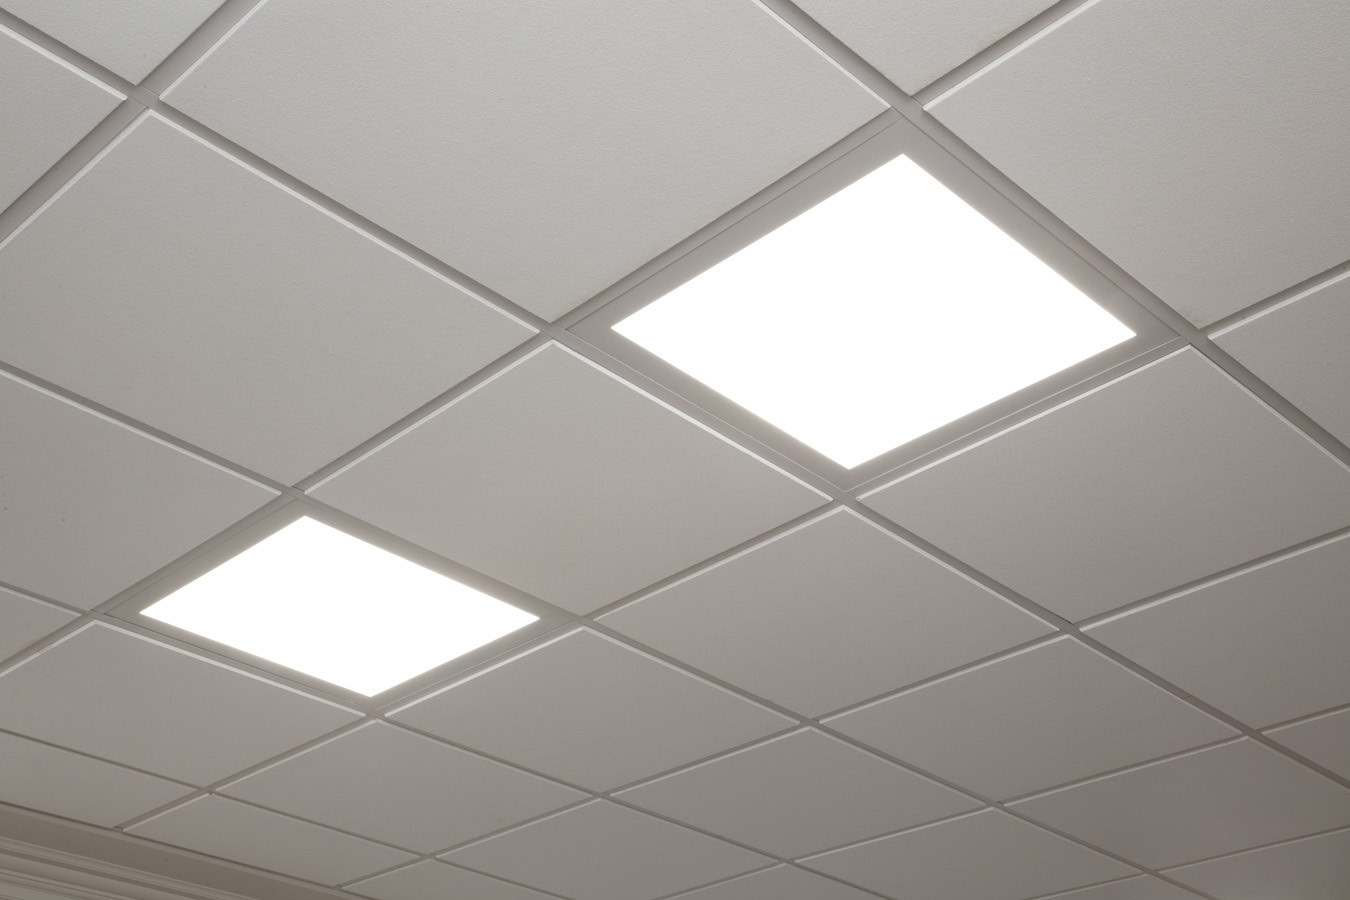 2×2 Ceiling Tile Lights